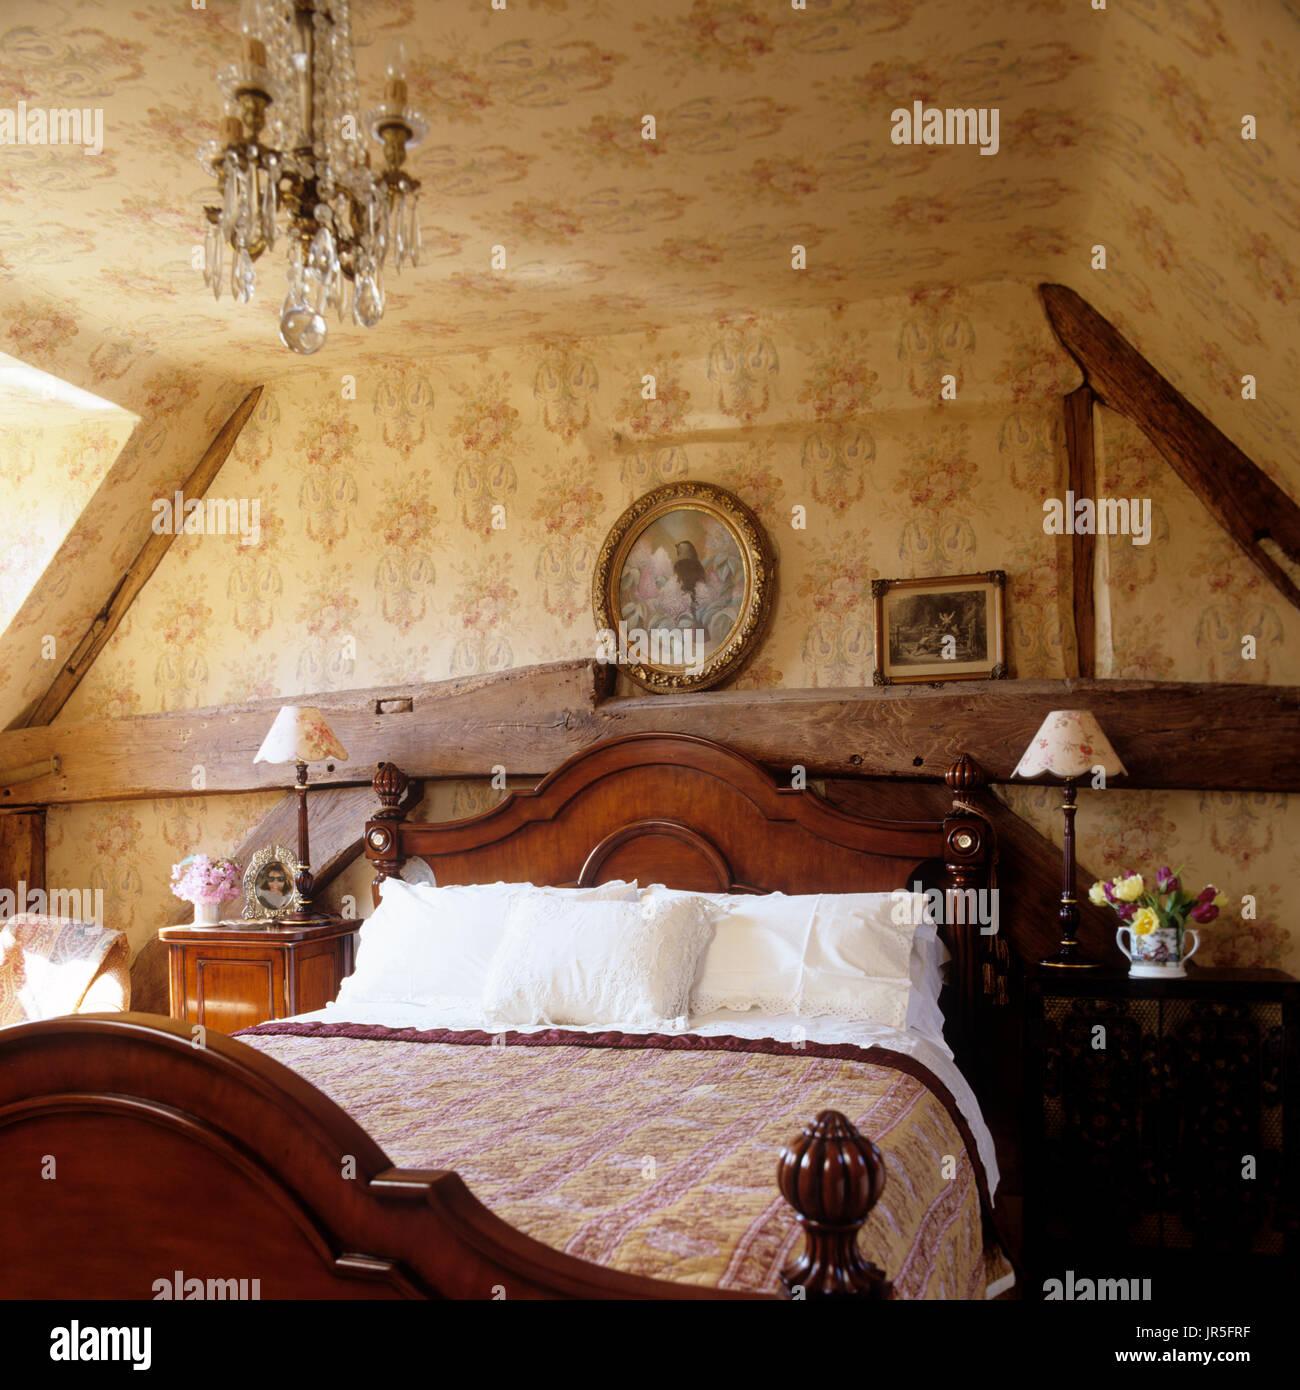 Lampadari In Camera Da Letto camera da letto in stile rustico con lampadario foto